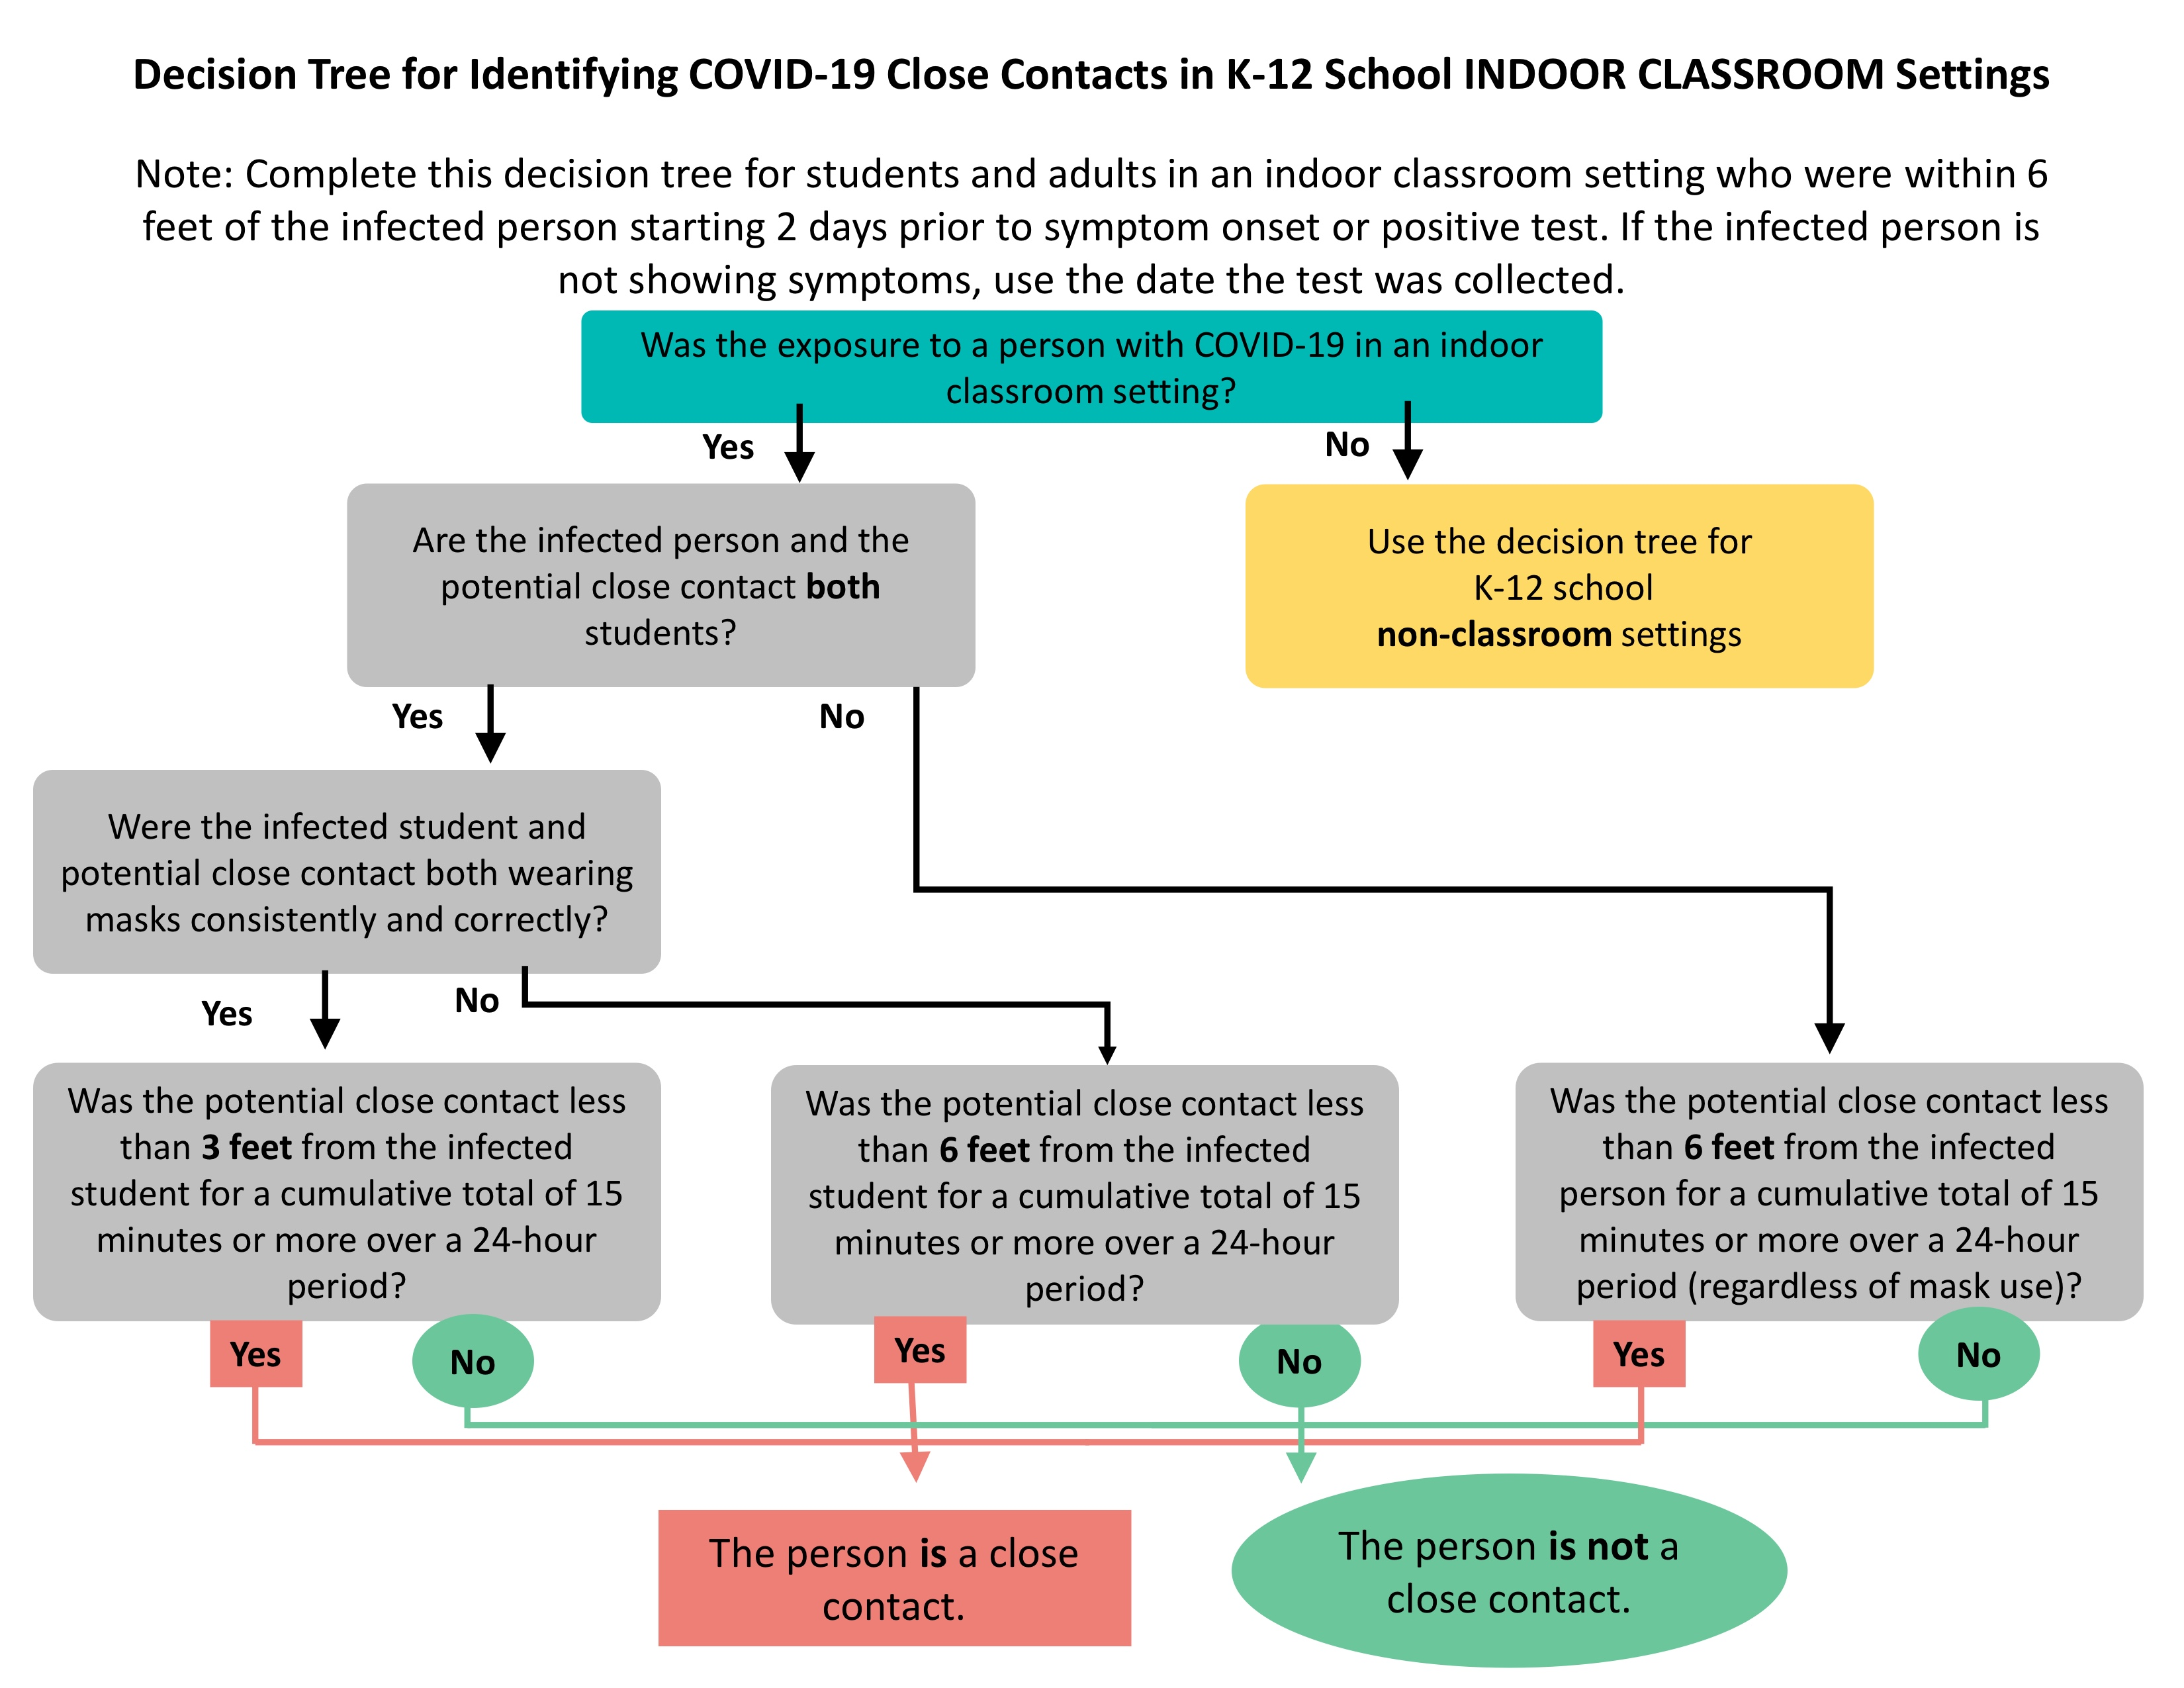 یک نمودار جریان که آیا دانش آموز به عنوان یک تماس نزدیک در یک کلاس درس داخلی در نظر گرفته می شود یا خیر